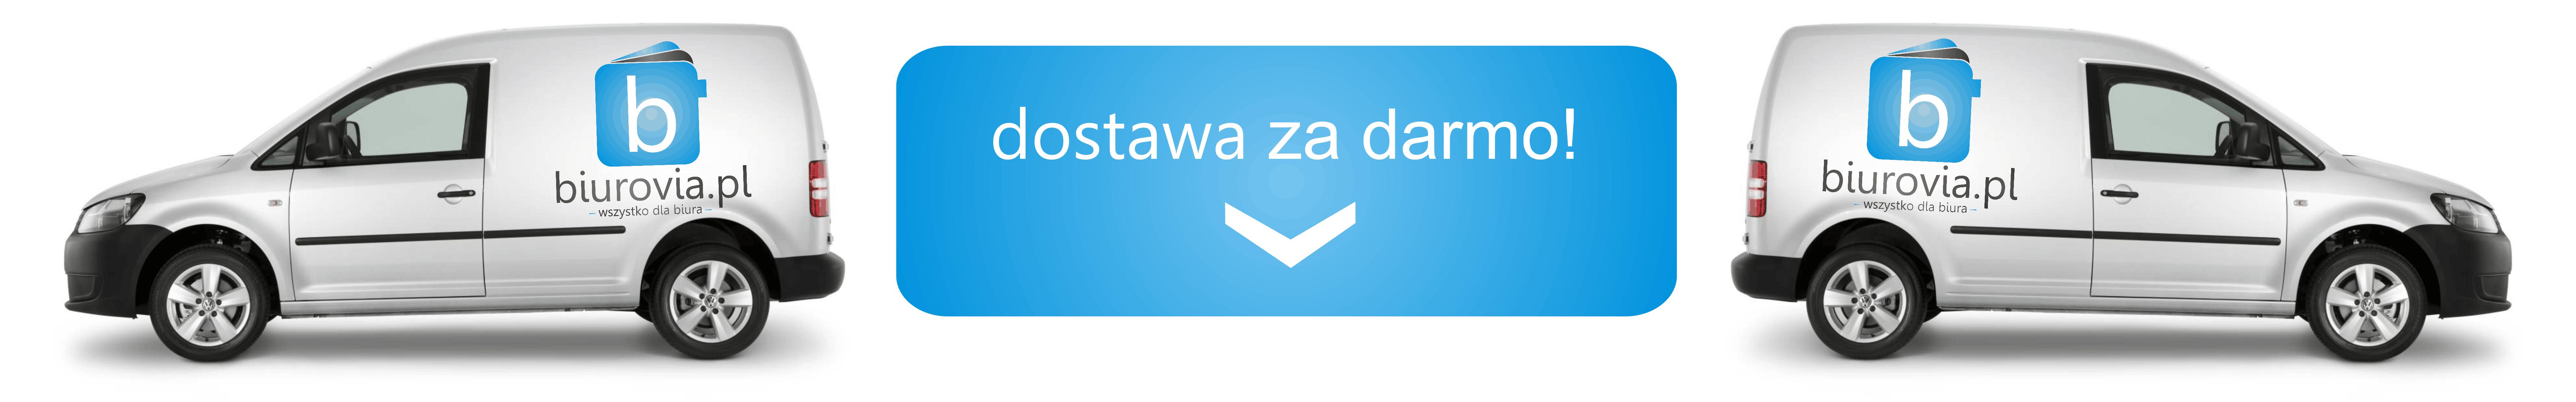 dostawa1